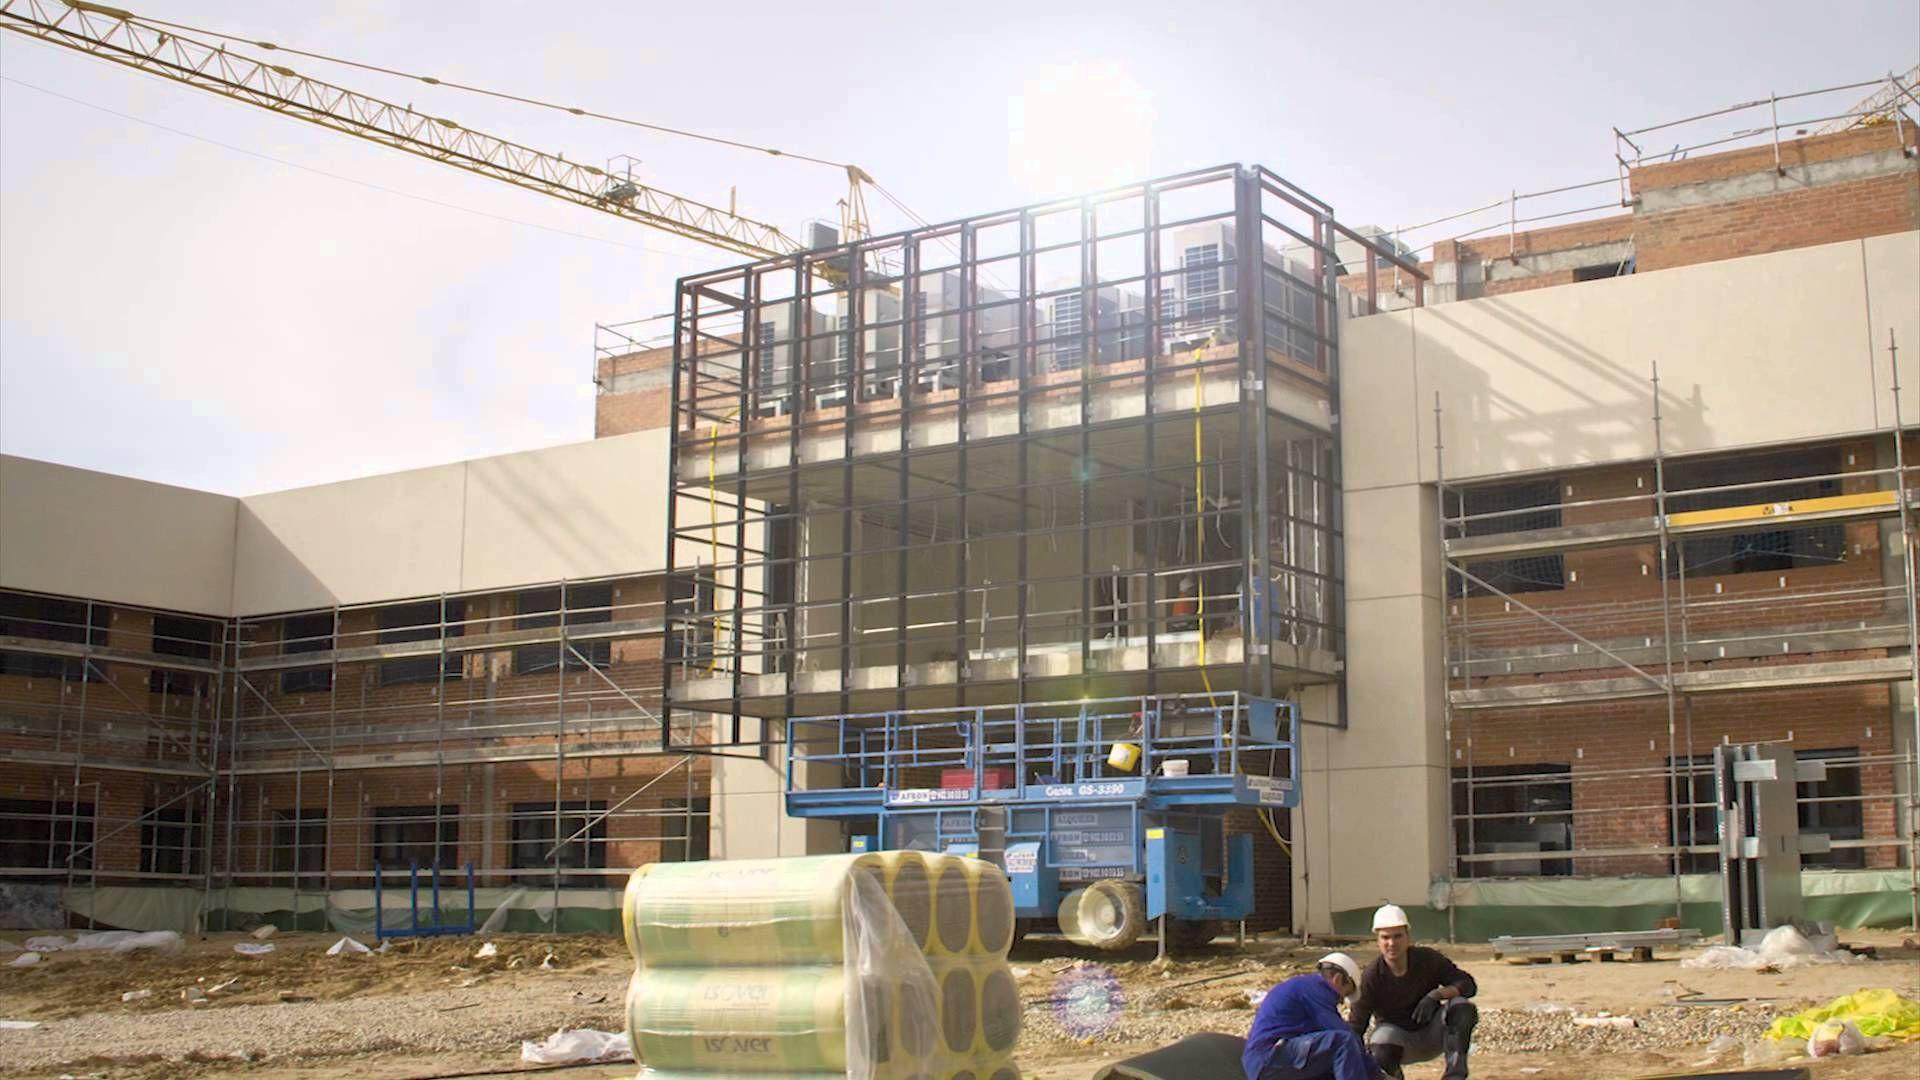 El proyecto de #Villafal desde sus comienzos hasta hacerse realidad: 2009 - 2014